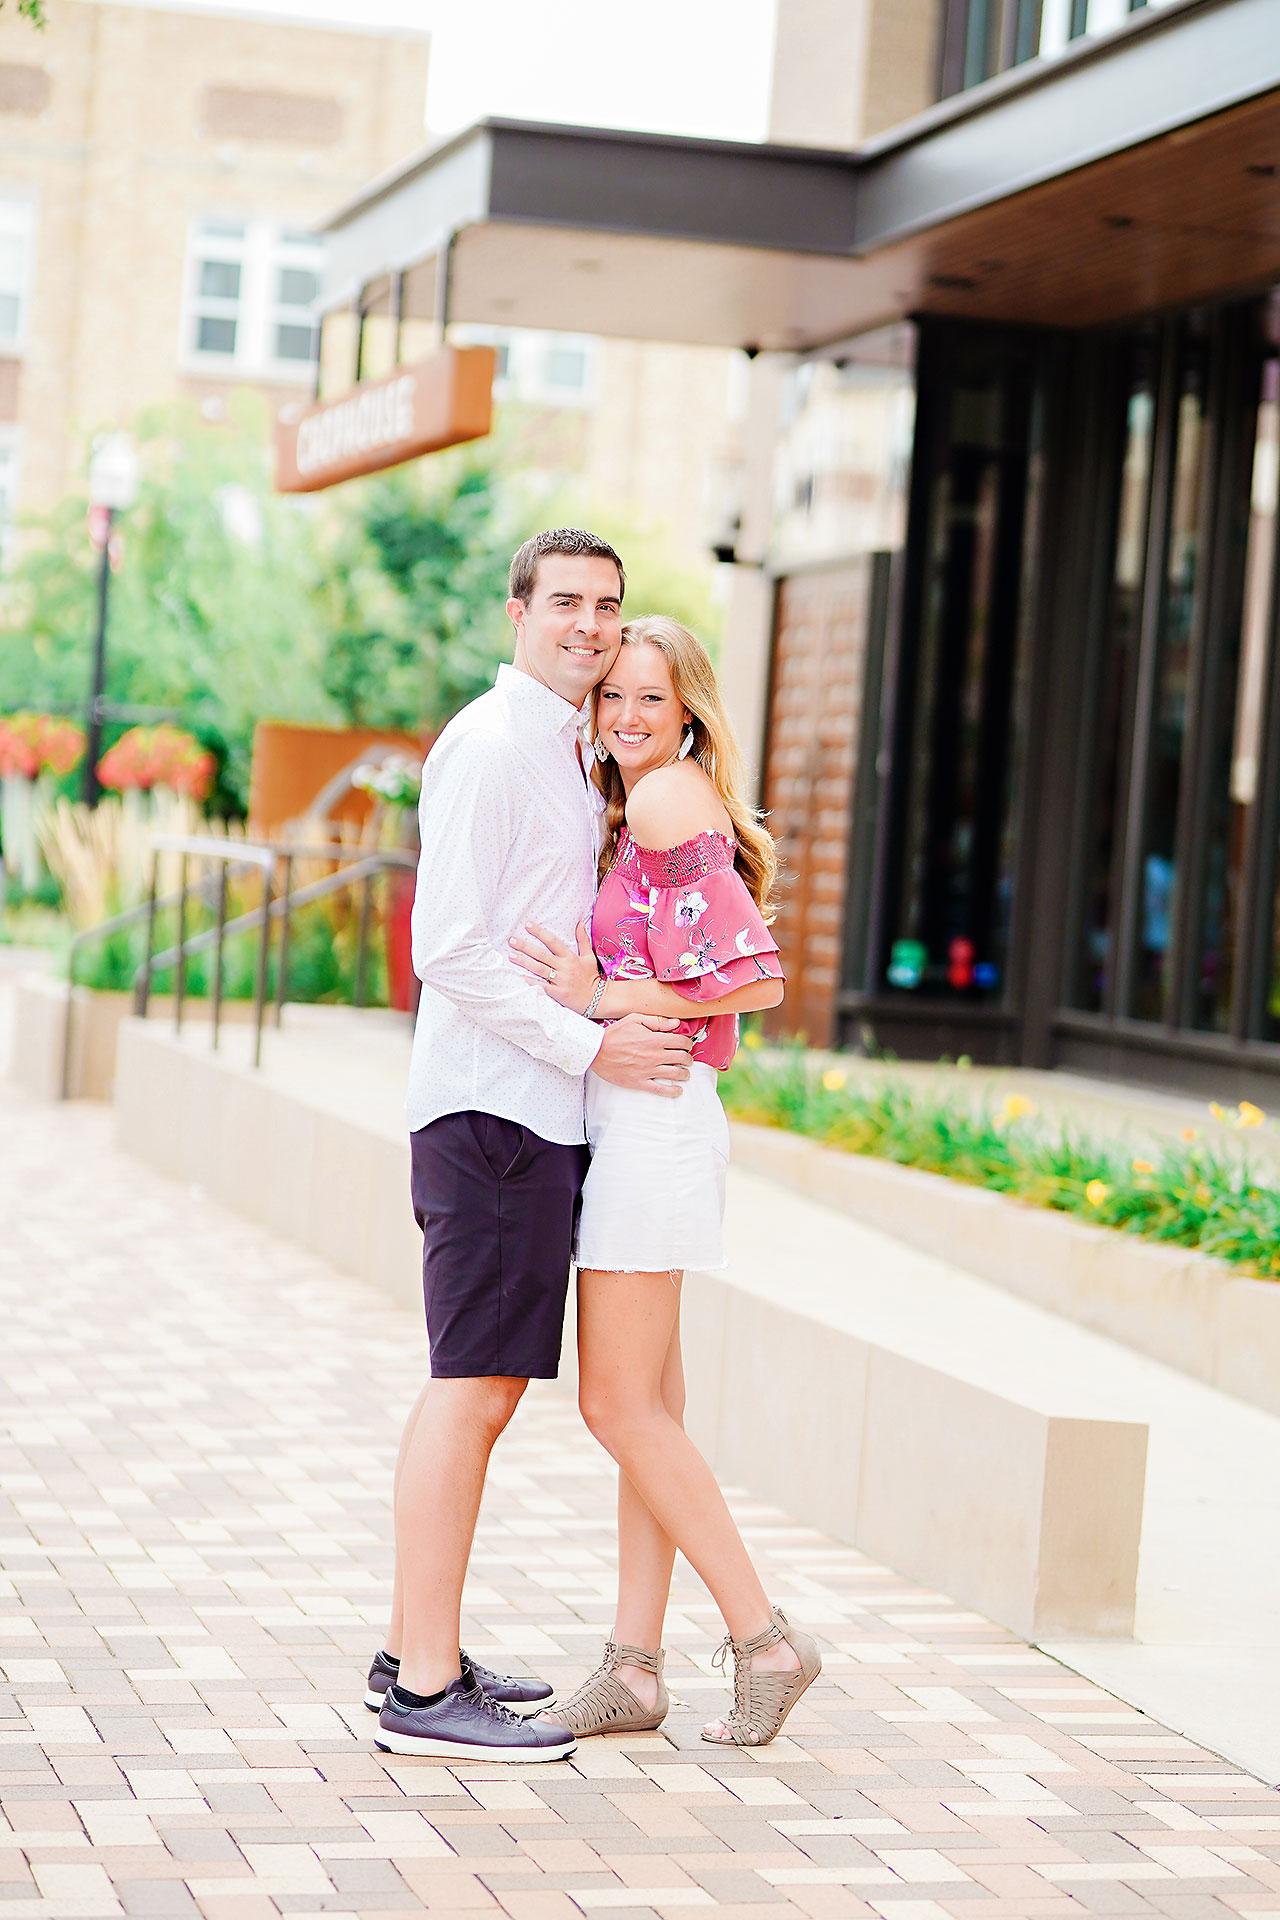 Liz Zach Midtown Carmel Engagement Session 031